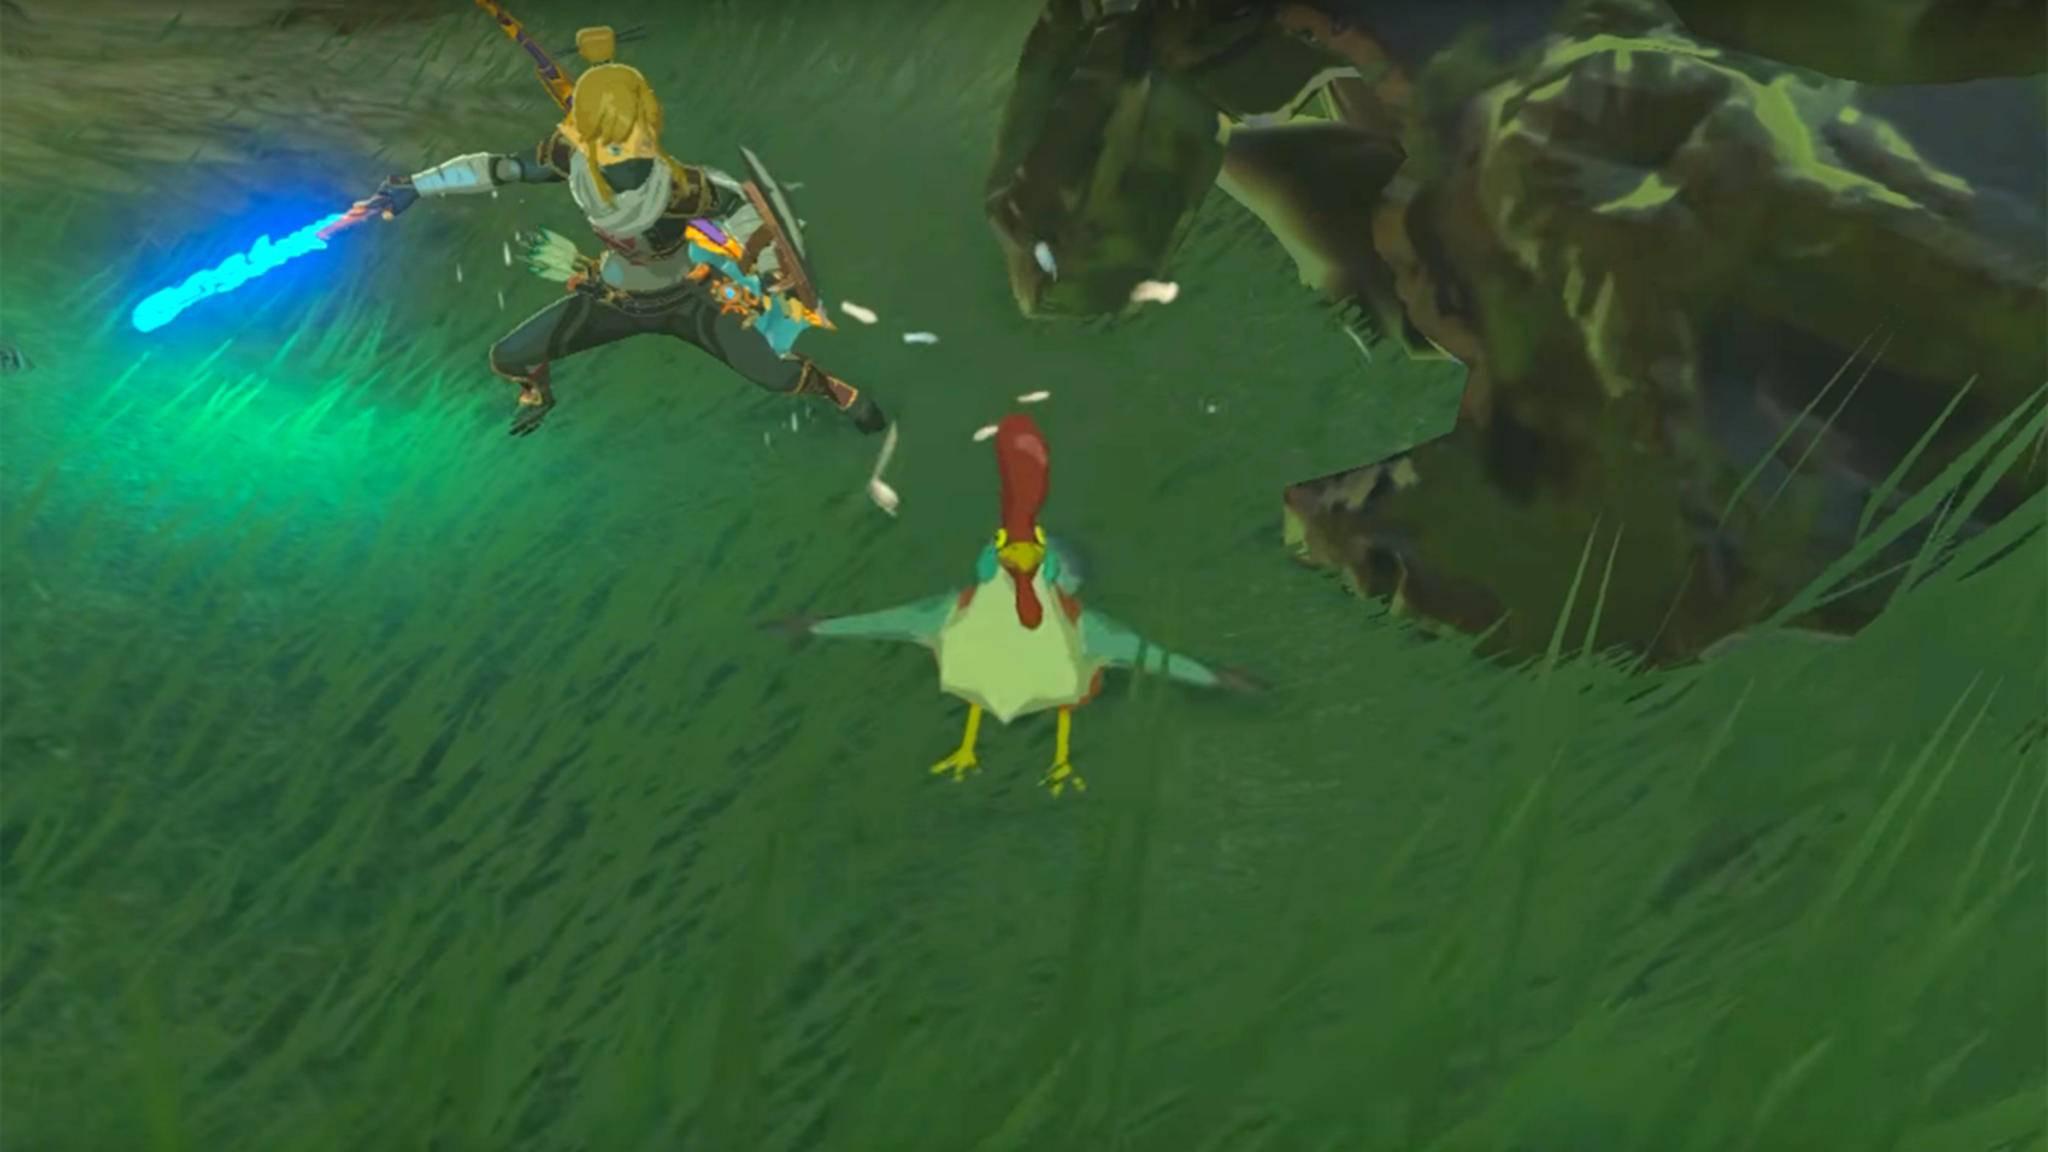 """Alarm! Wer in """"Legend of Zelda: Breath of the Wild"""" ein Huhn angreift, kriegt Ärger mit seinen Artgenossen. Das gilt für Link, aber auch für seine Gegner..."""